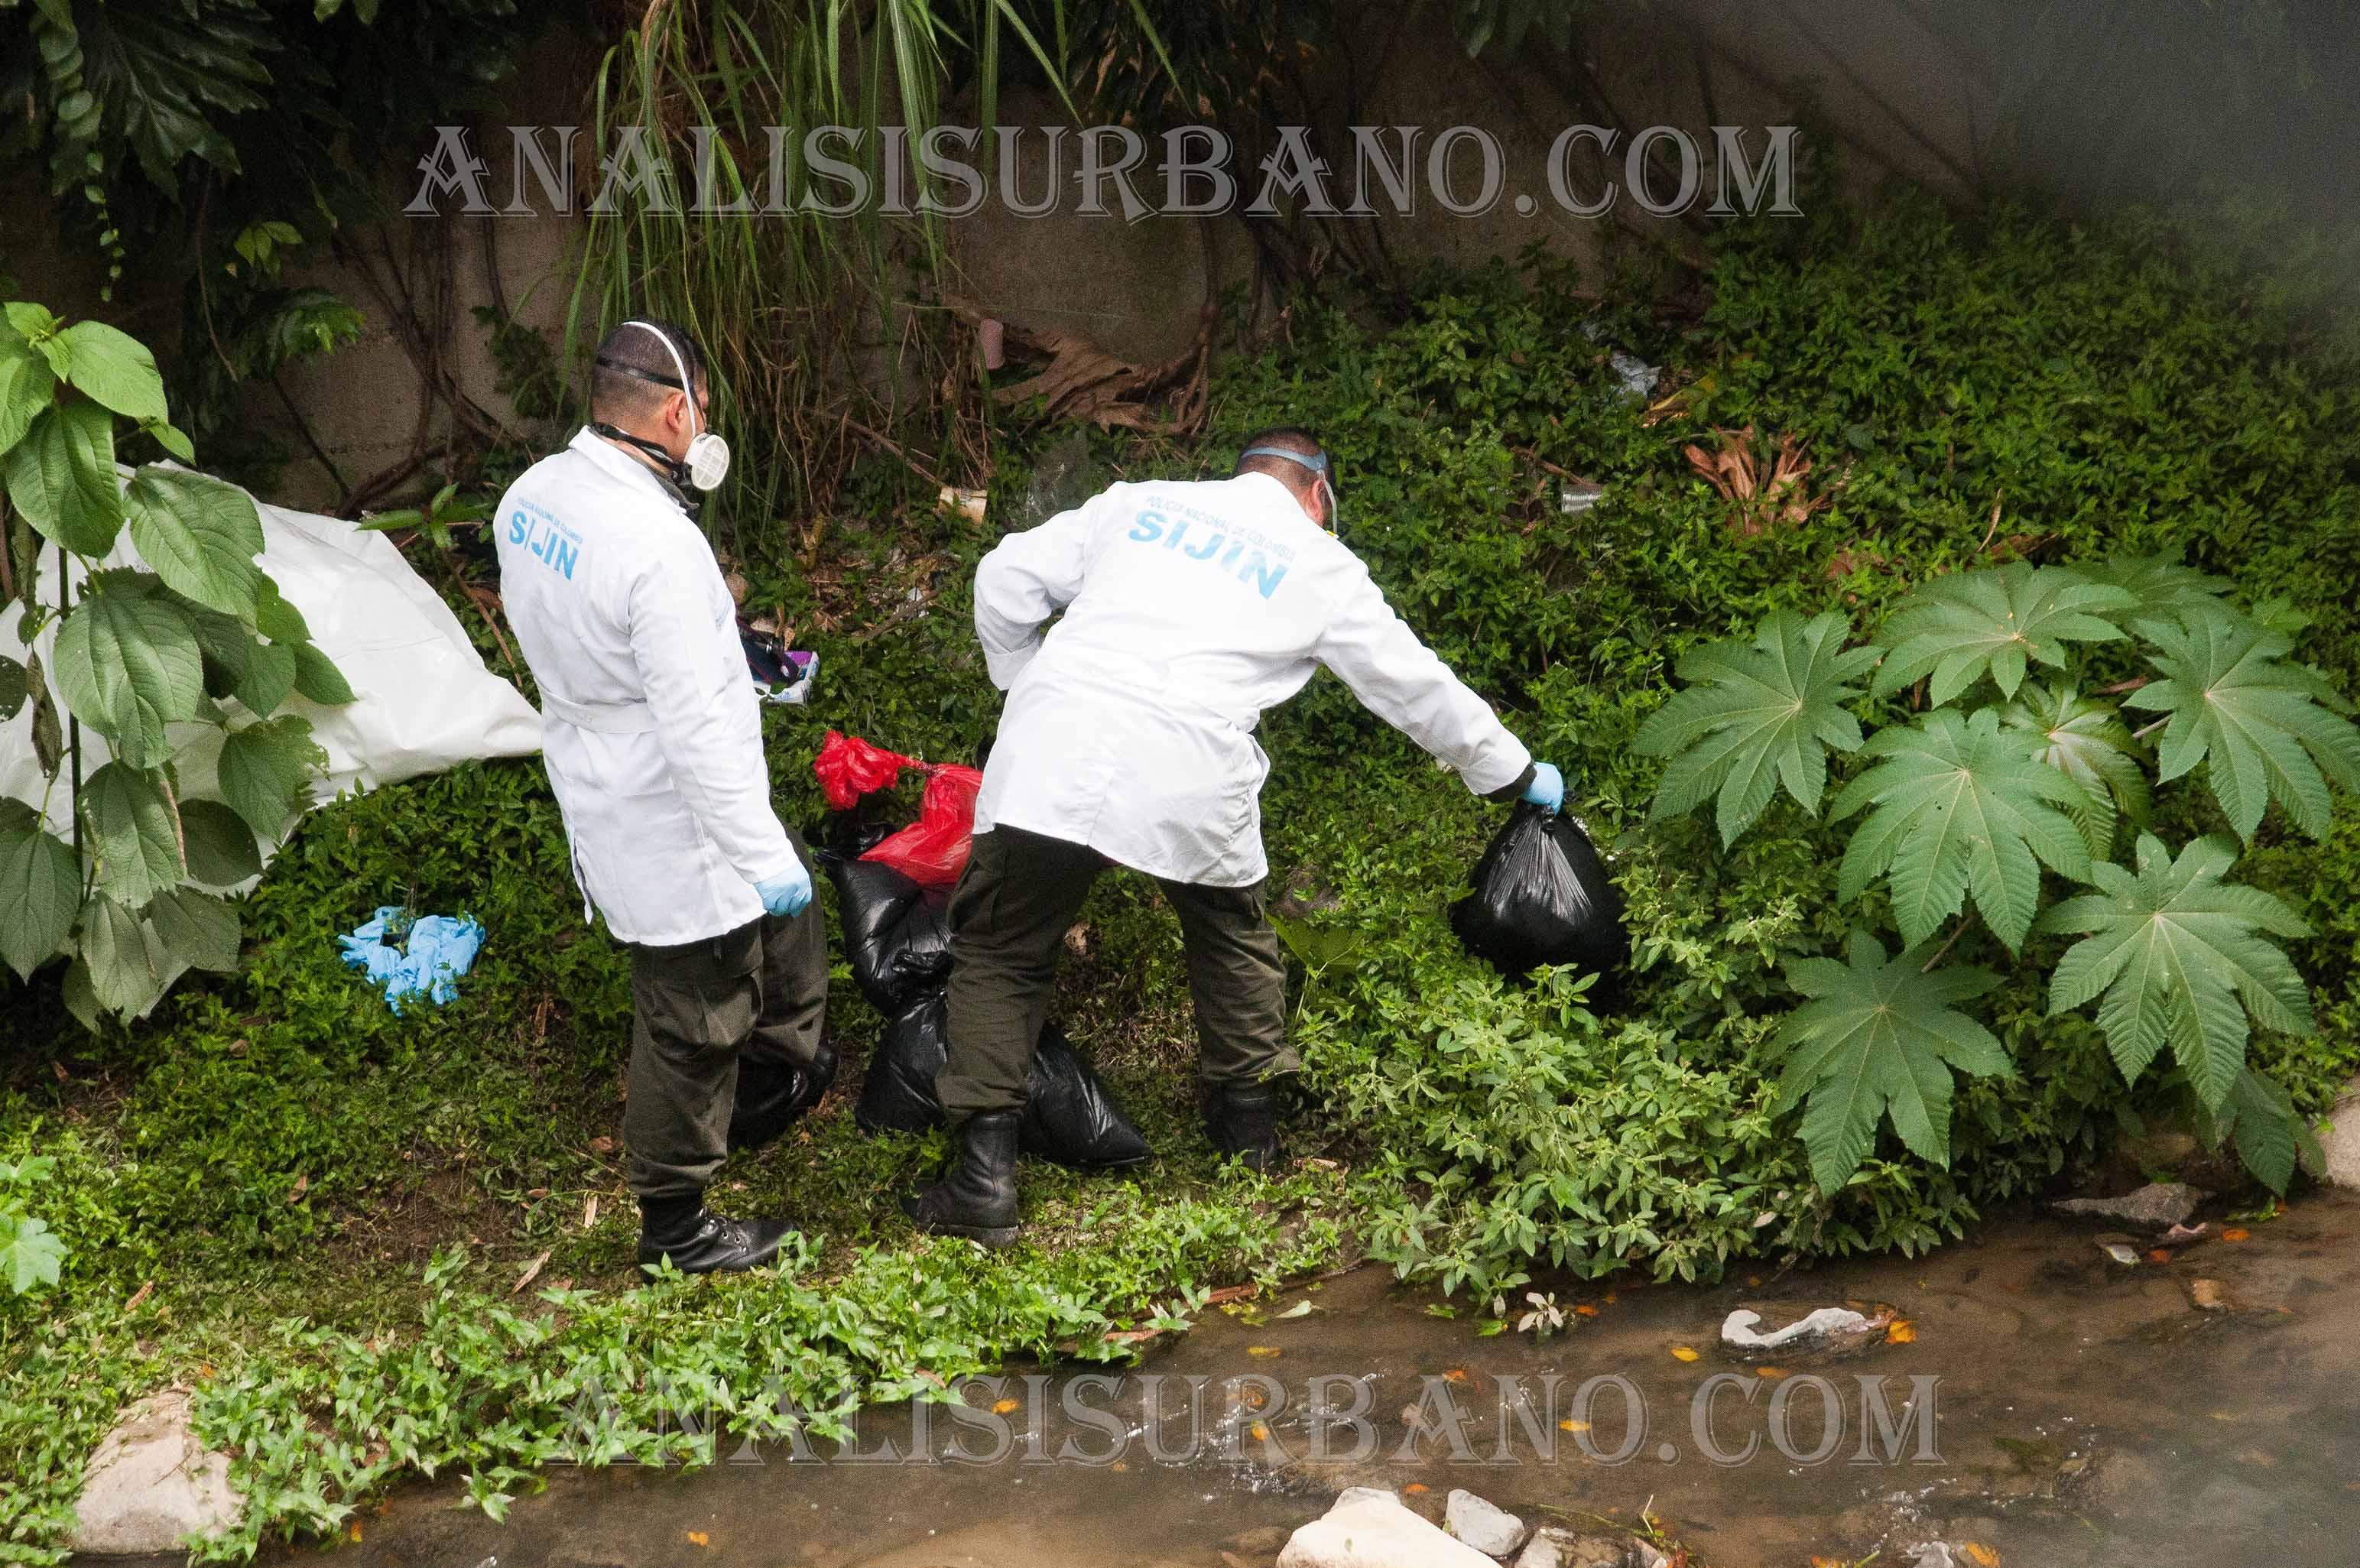 Encuentran partes de mujer descuartizada en Comuna 13 ...